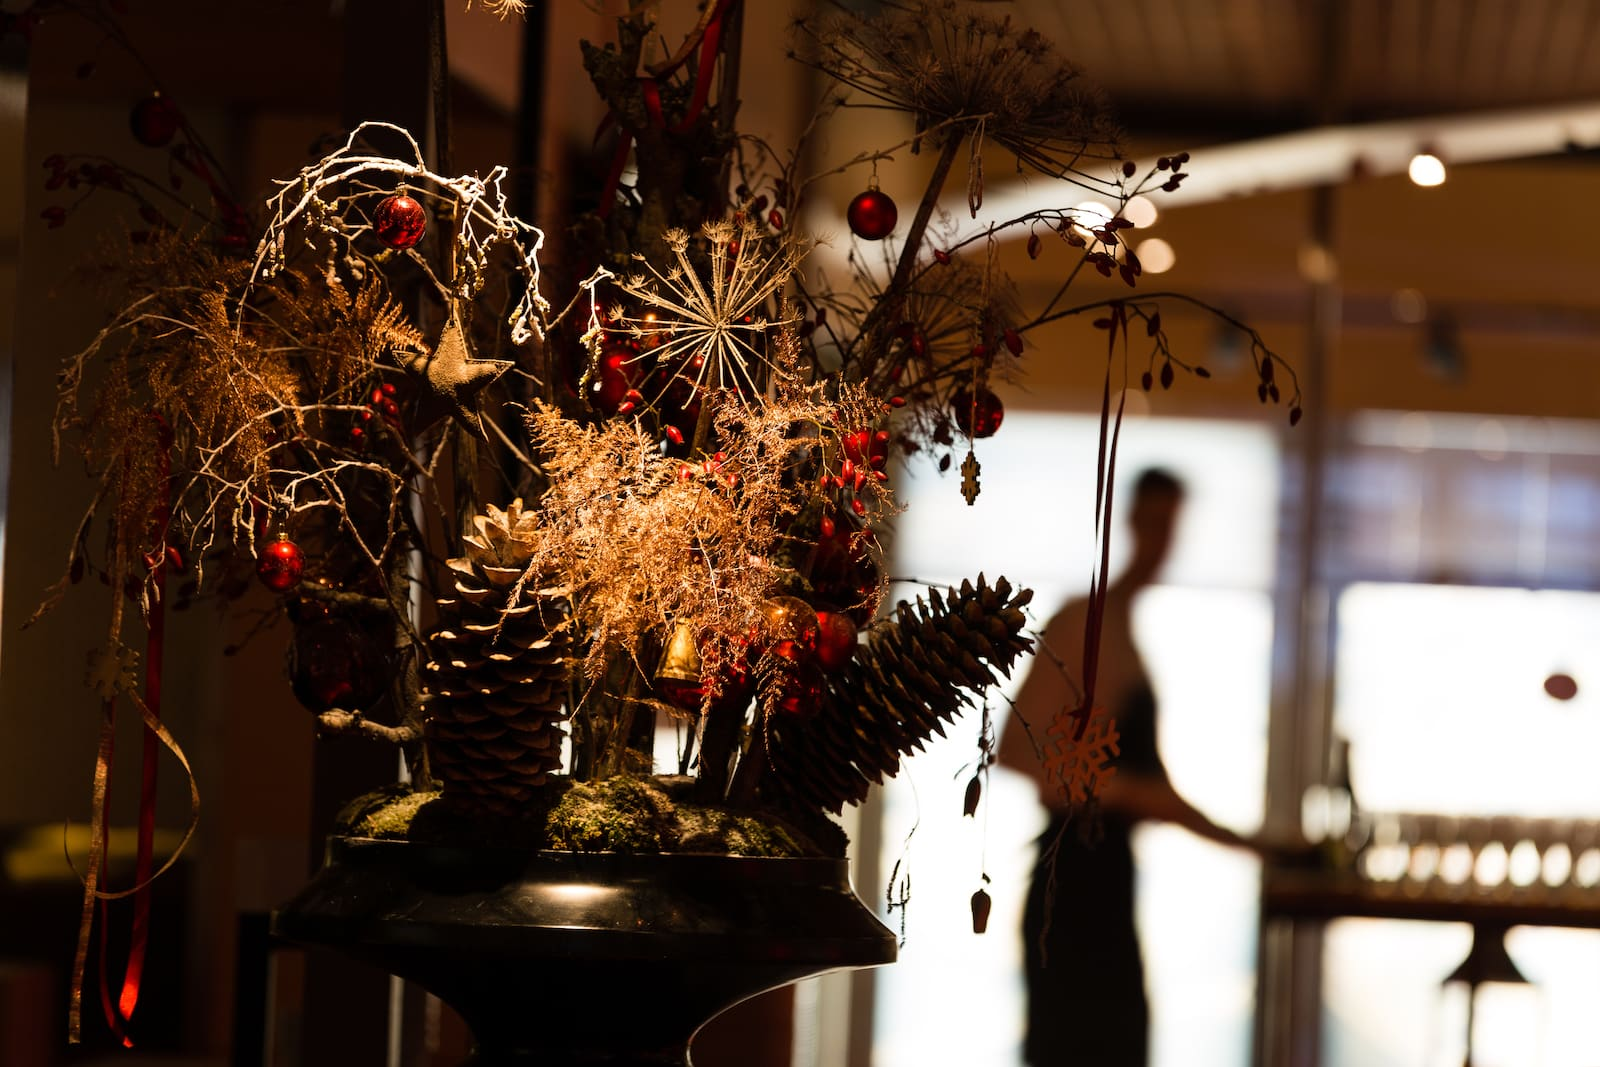 Bas de Boer Eventstyling Weihnachtsdekoration Traditional Eyecatcher Weihnachtsgesteck in Schale weihnachtsfeier www.basdeboer eventstyling.de .jpg - Weihnachtsfeier Eventstyling